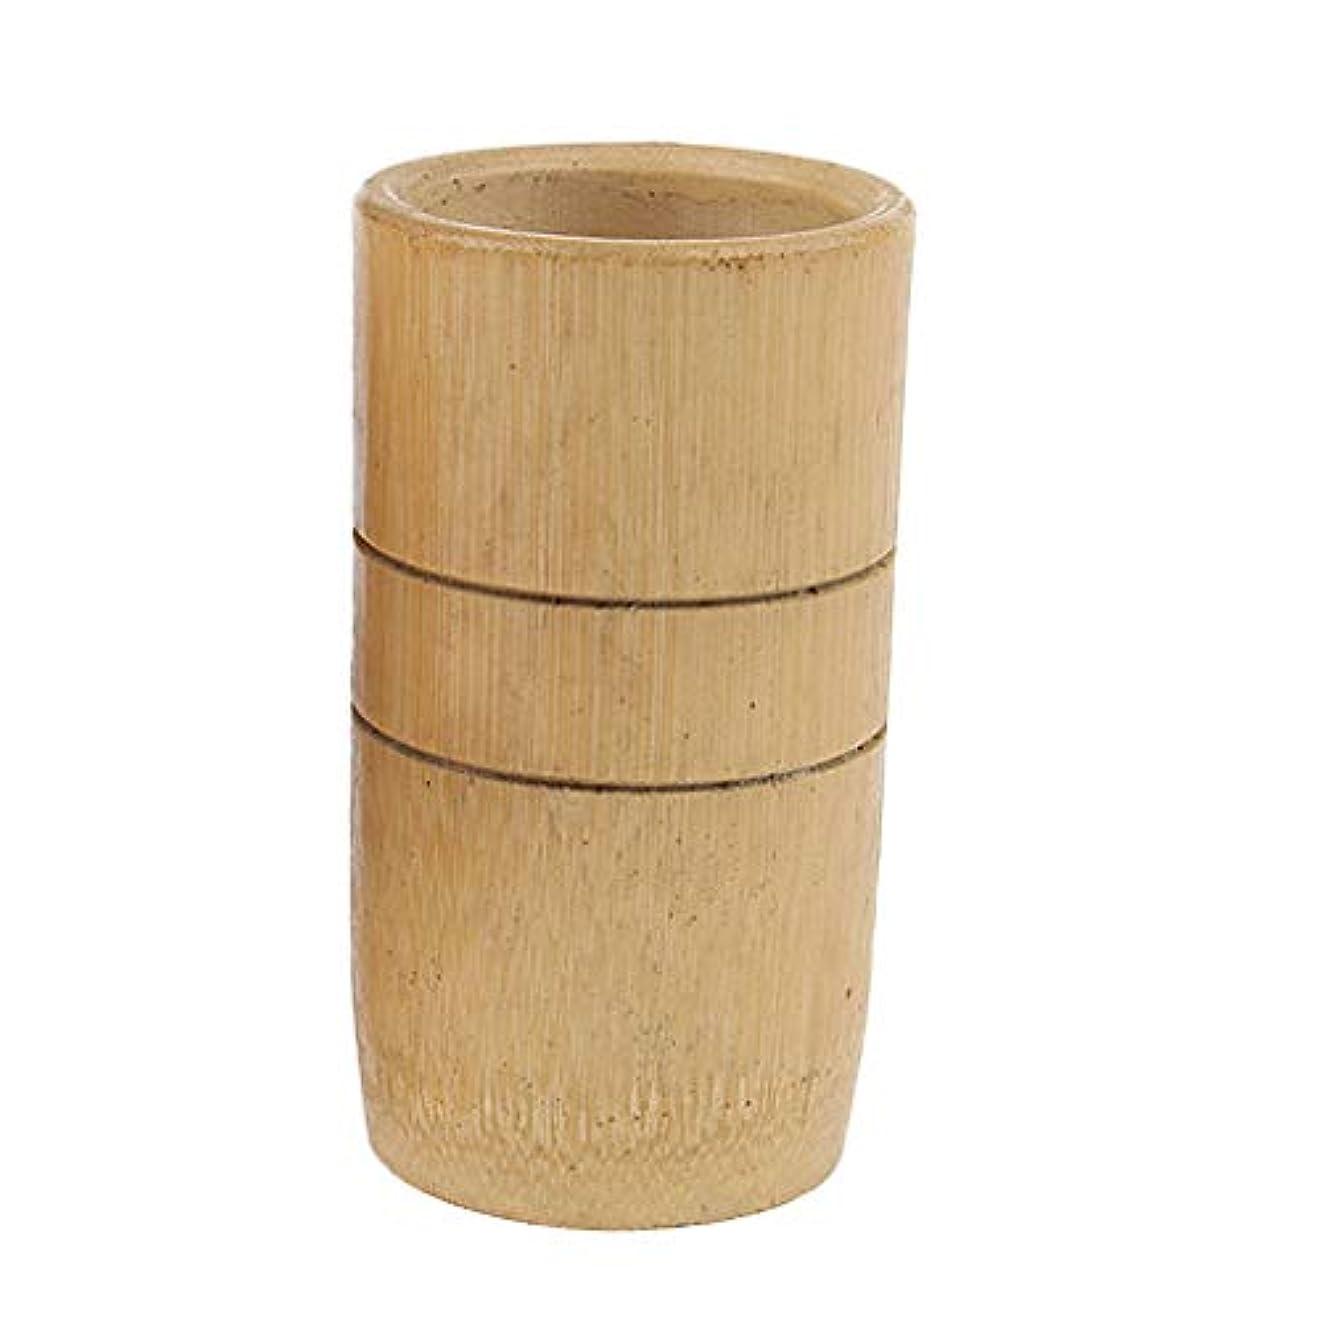 立ち向かう暴動誇りsharprepublic マッサージ吸い玉 カッピングカップ 天然竹製 サロン 家庭用 2個入